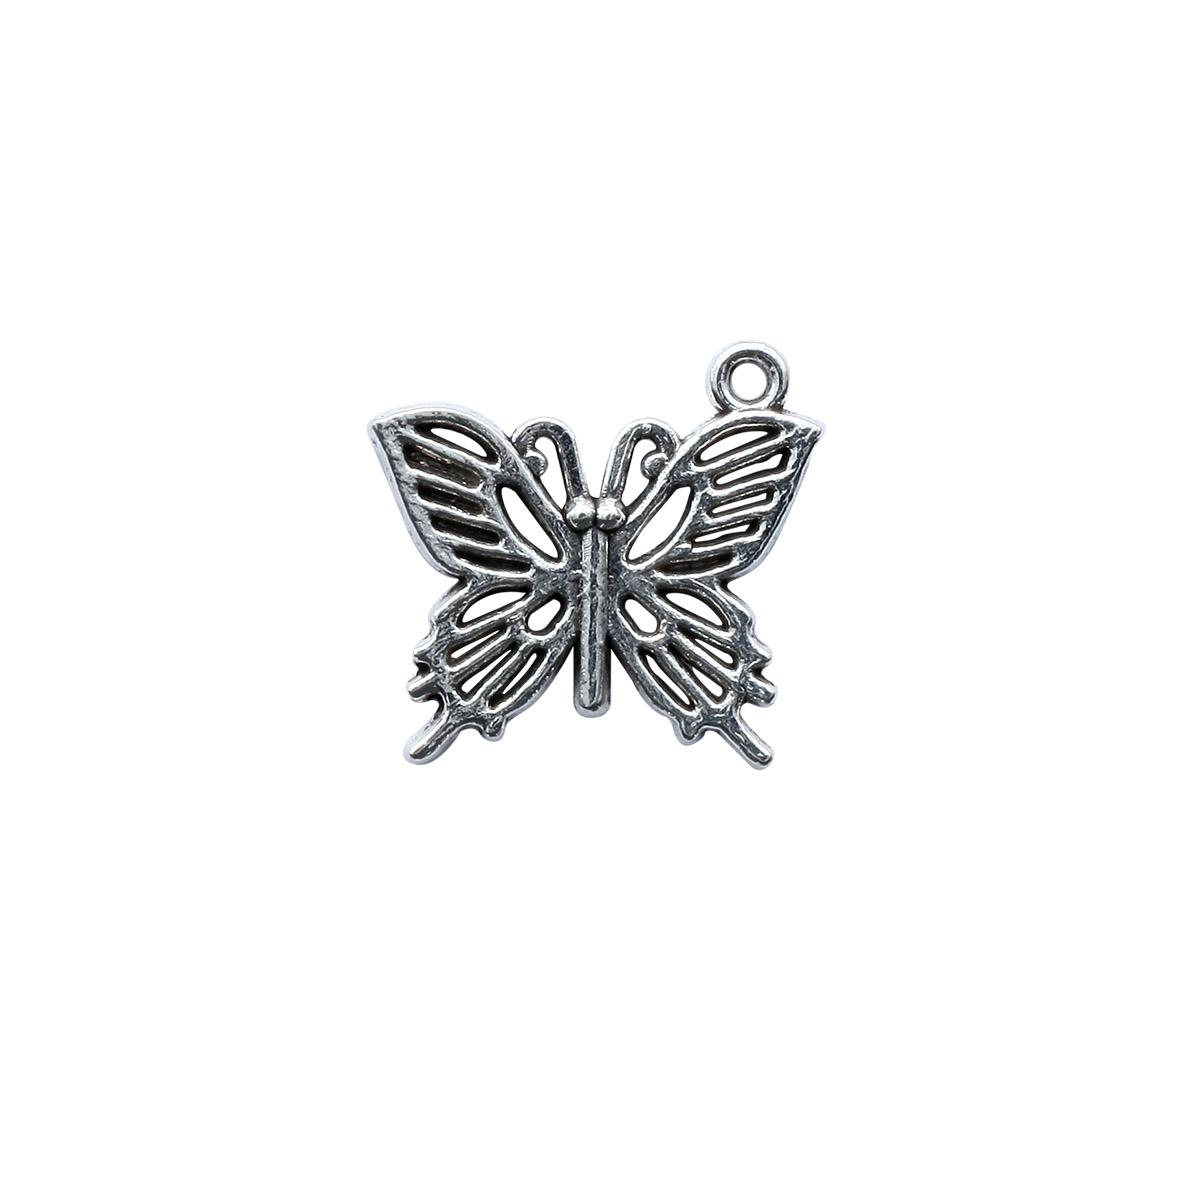 4AR044 Подвеска металлическая бабочка,2шт/упак, Астра